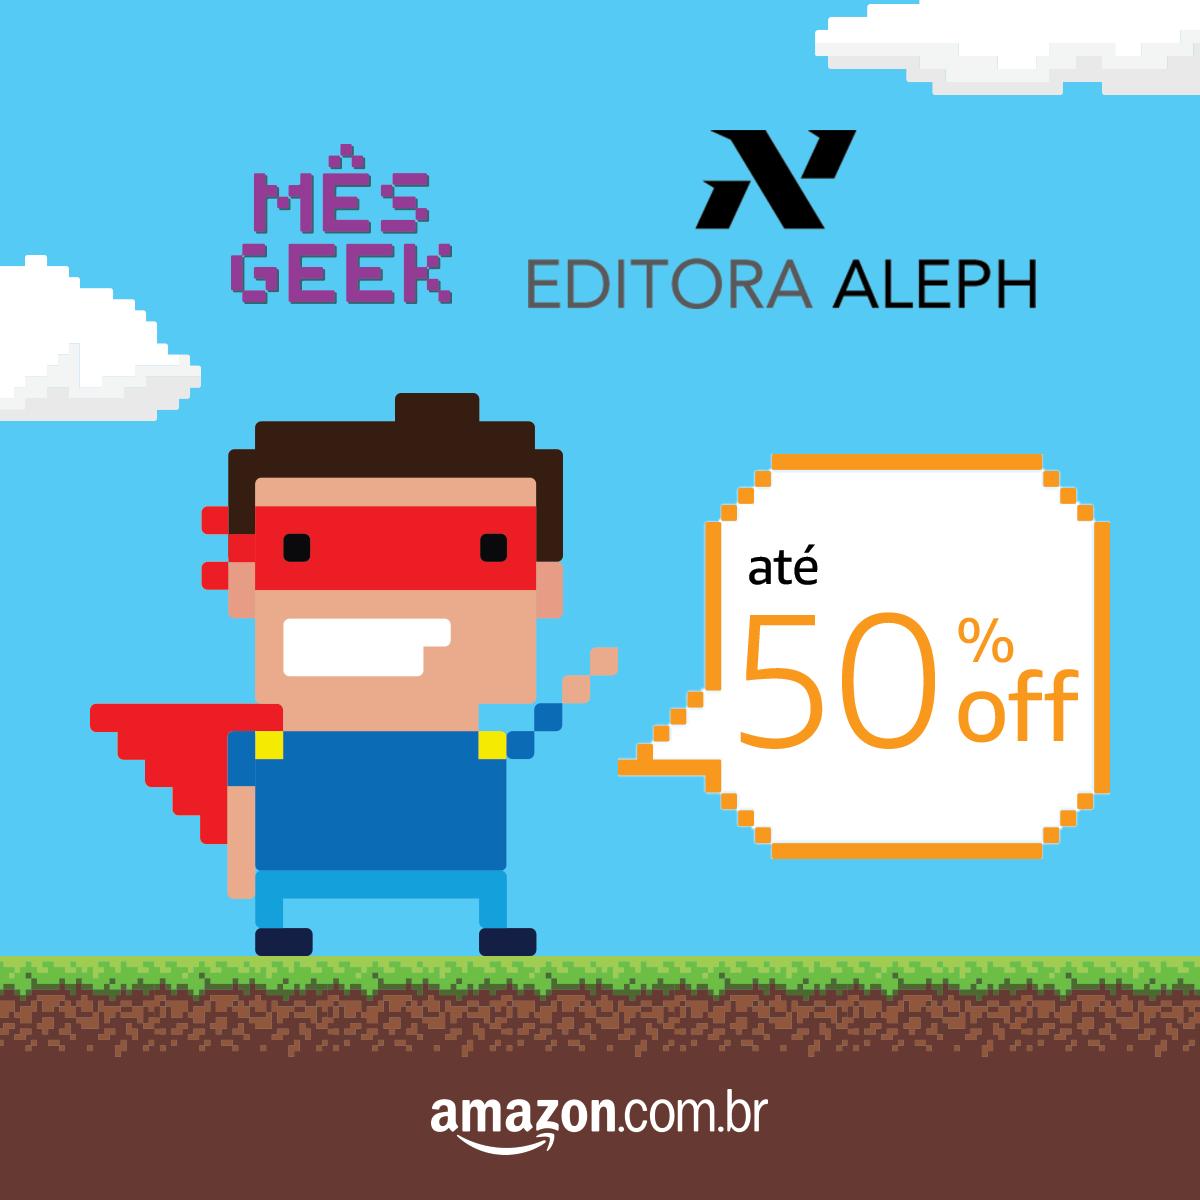 Livros da Editora Aleph com até 60% de desconto